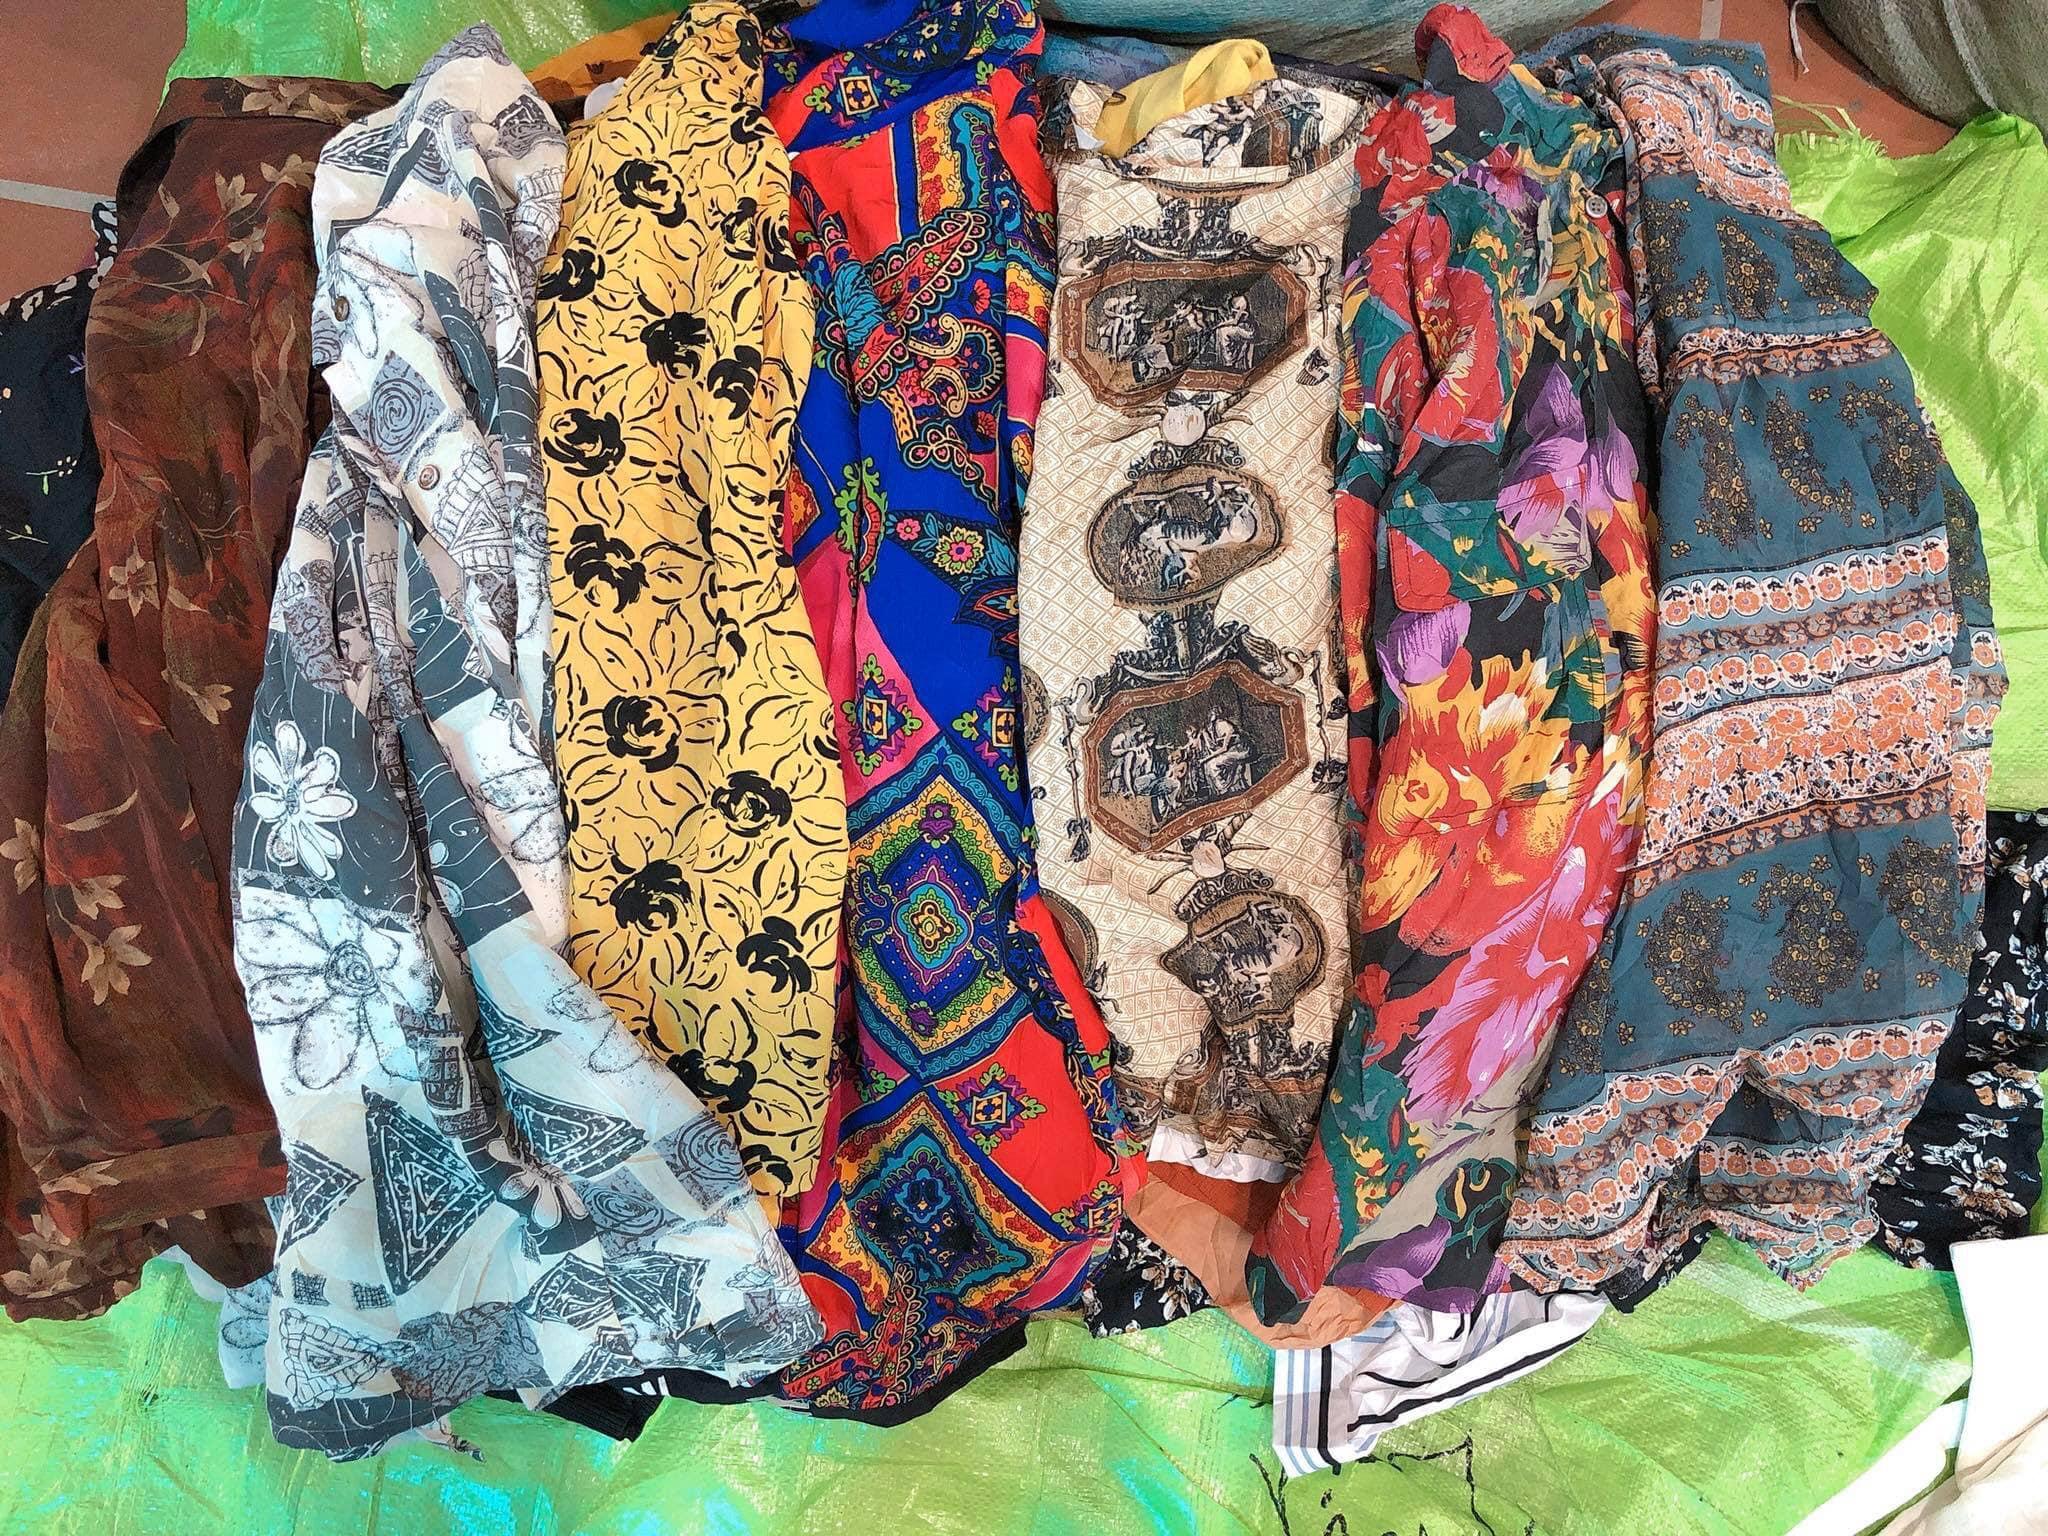 Nơi cung cấp quần áo hàng thùng uy tín, giá rẻ ở Hà Nội và toàn quốc